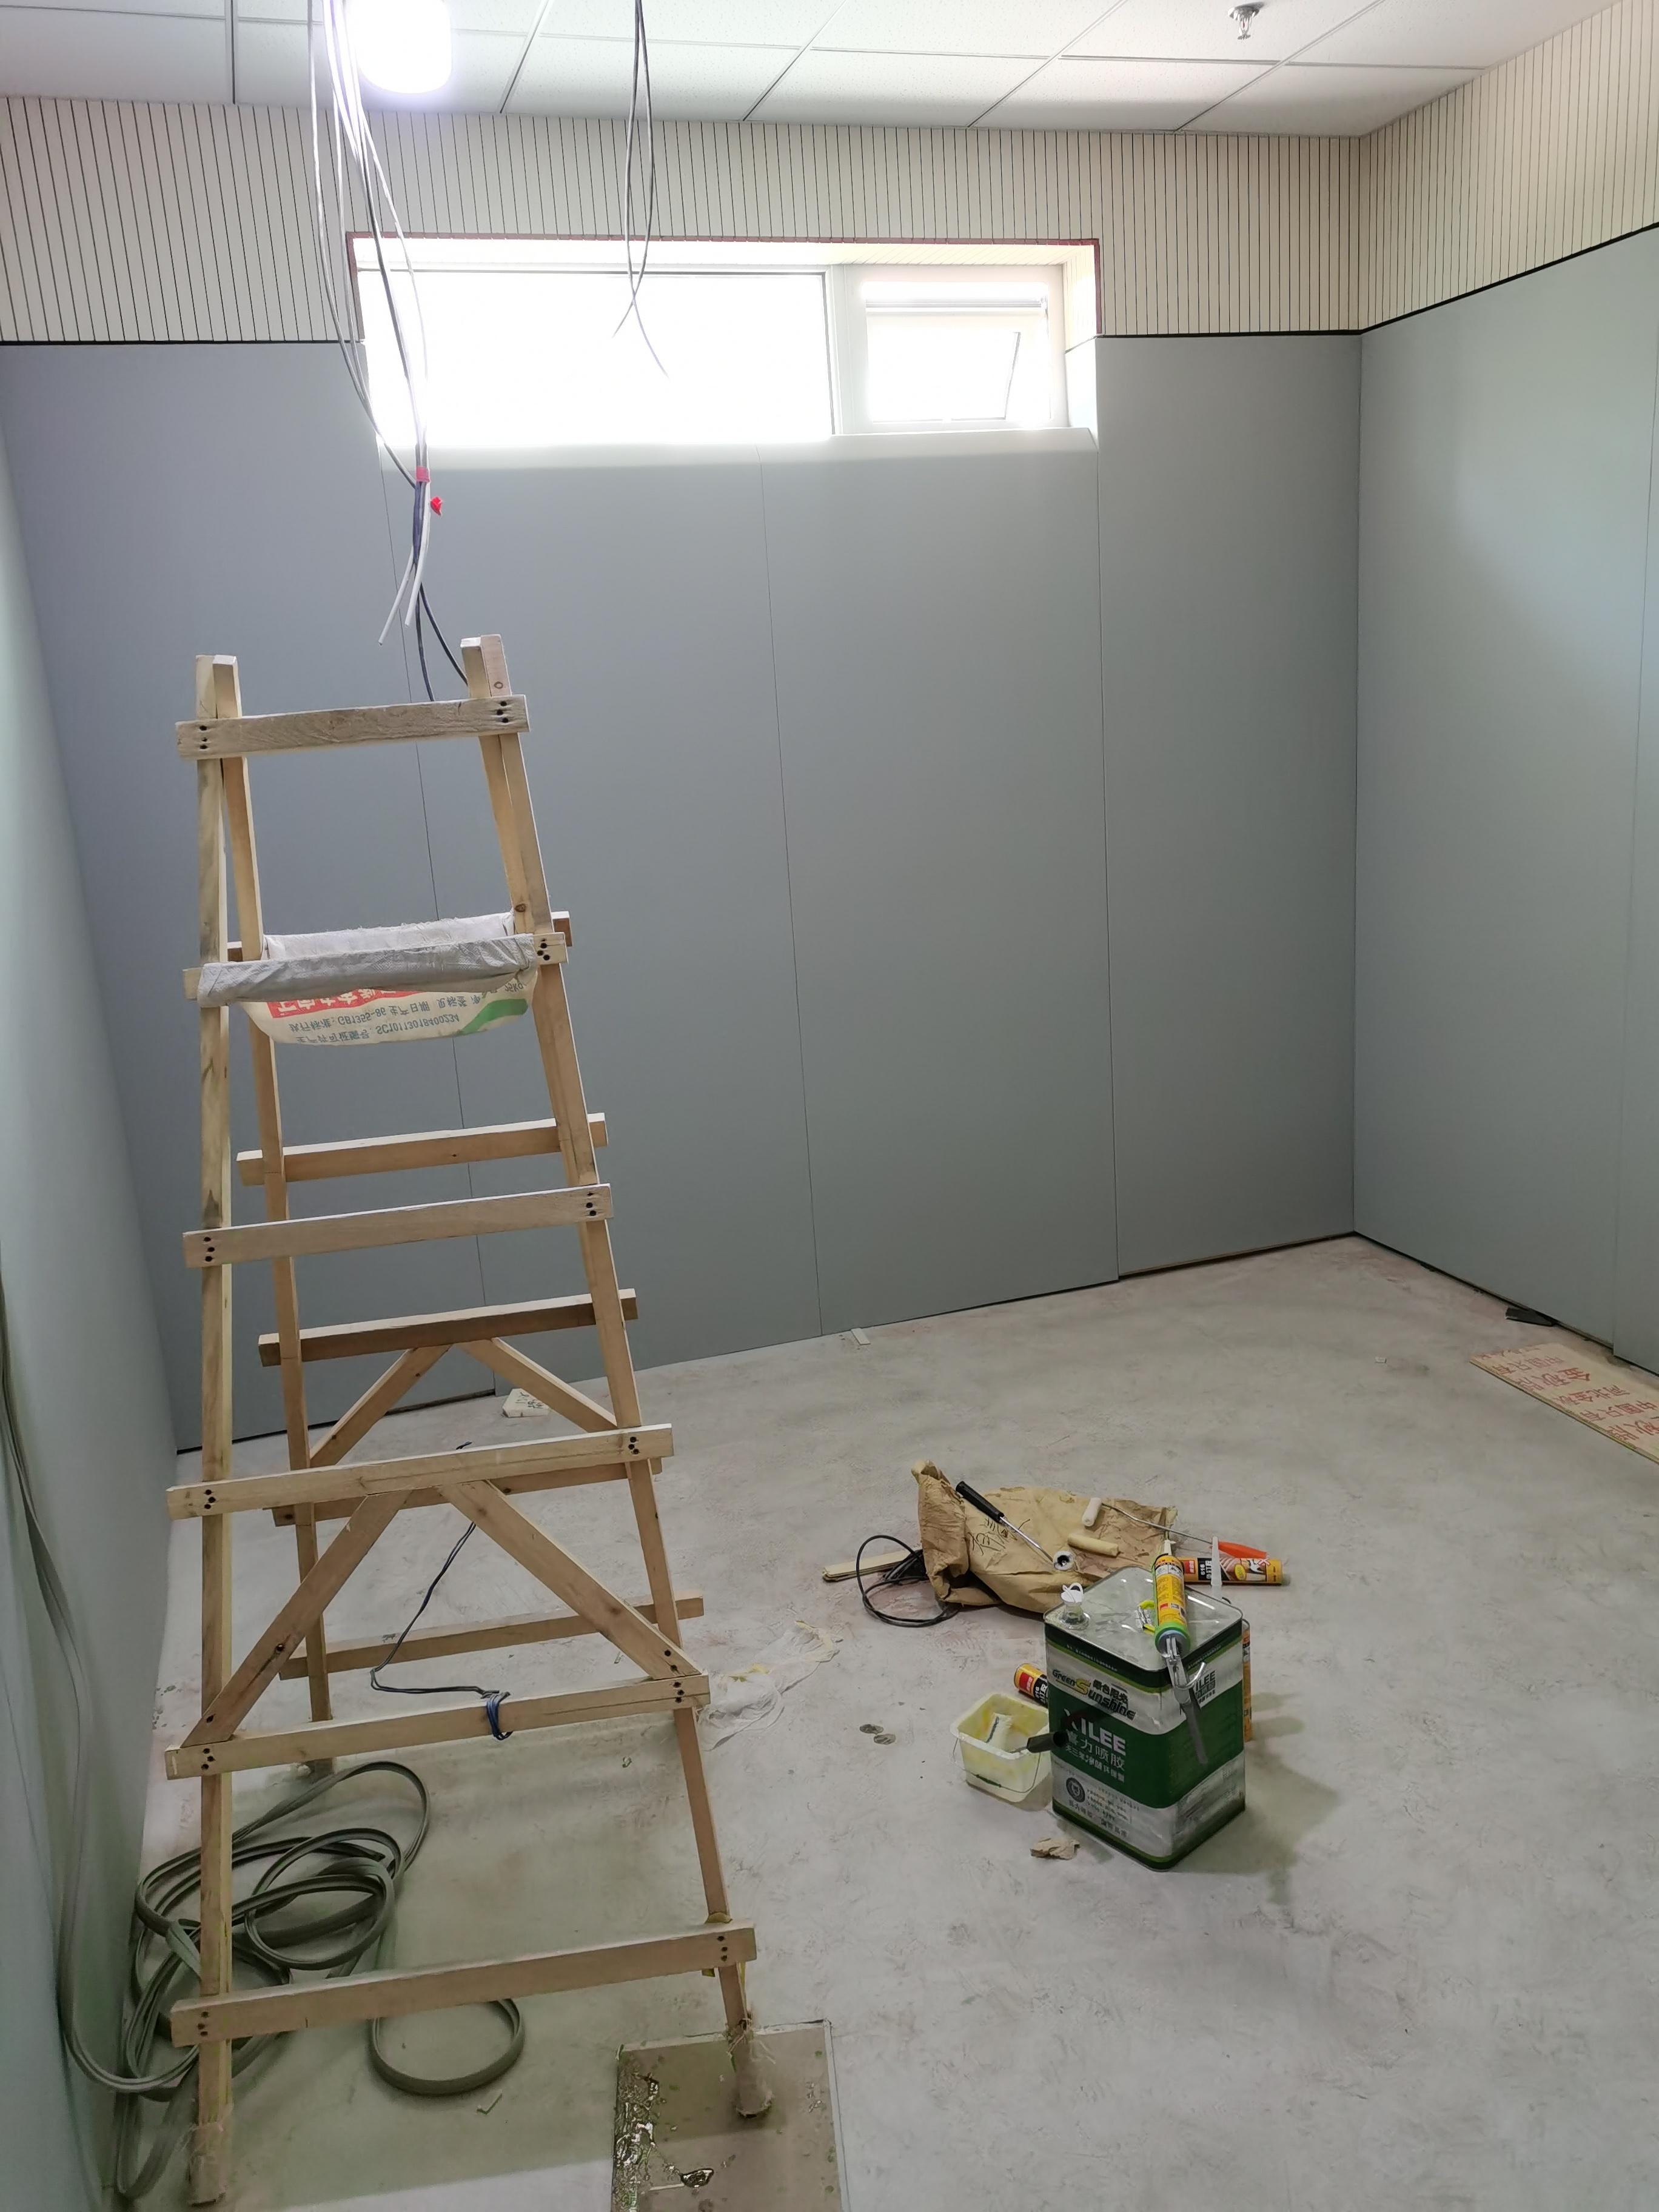 黑龙江询问室防撞软包 讯问室墙面防撞材料